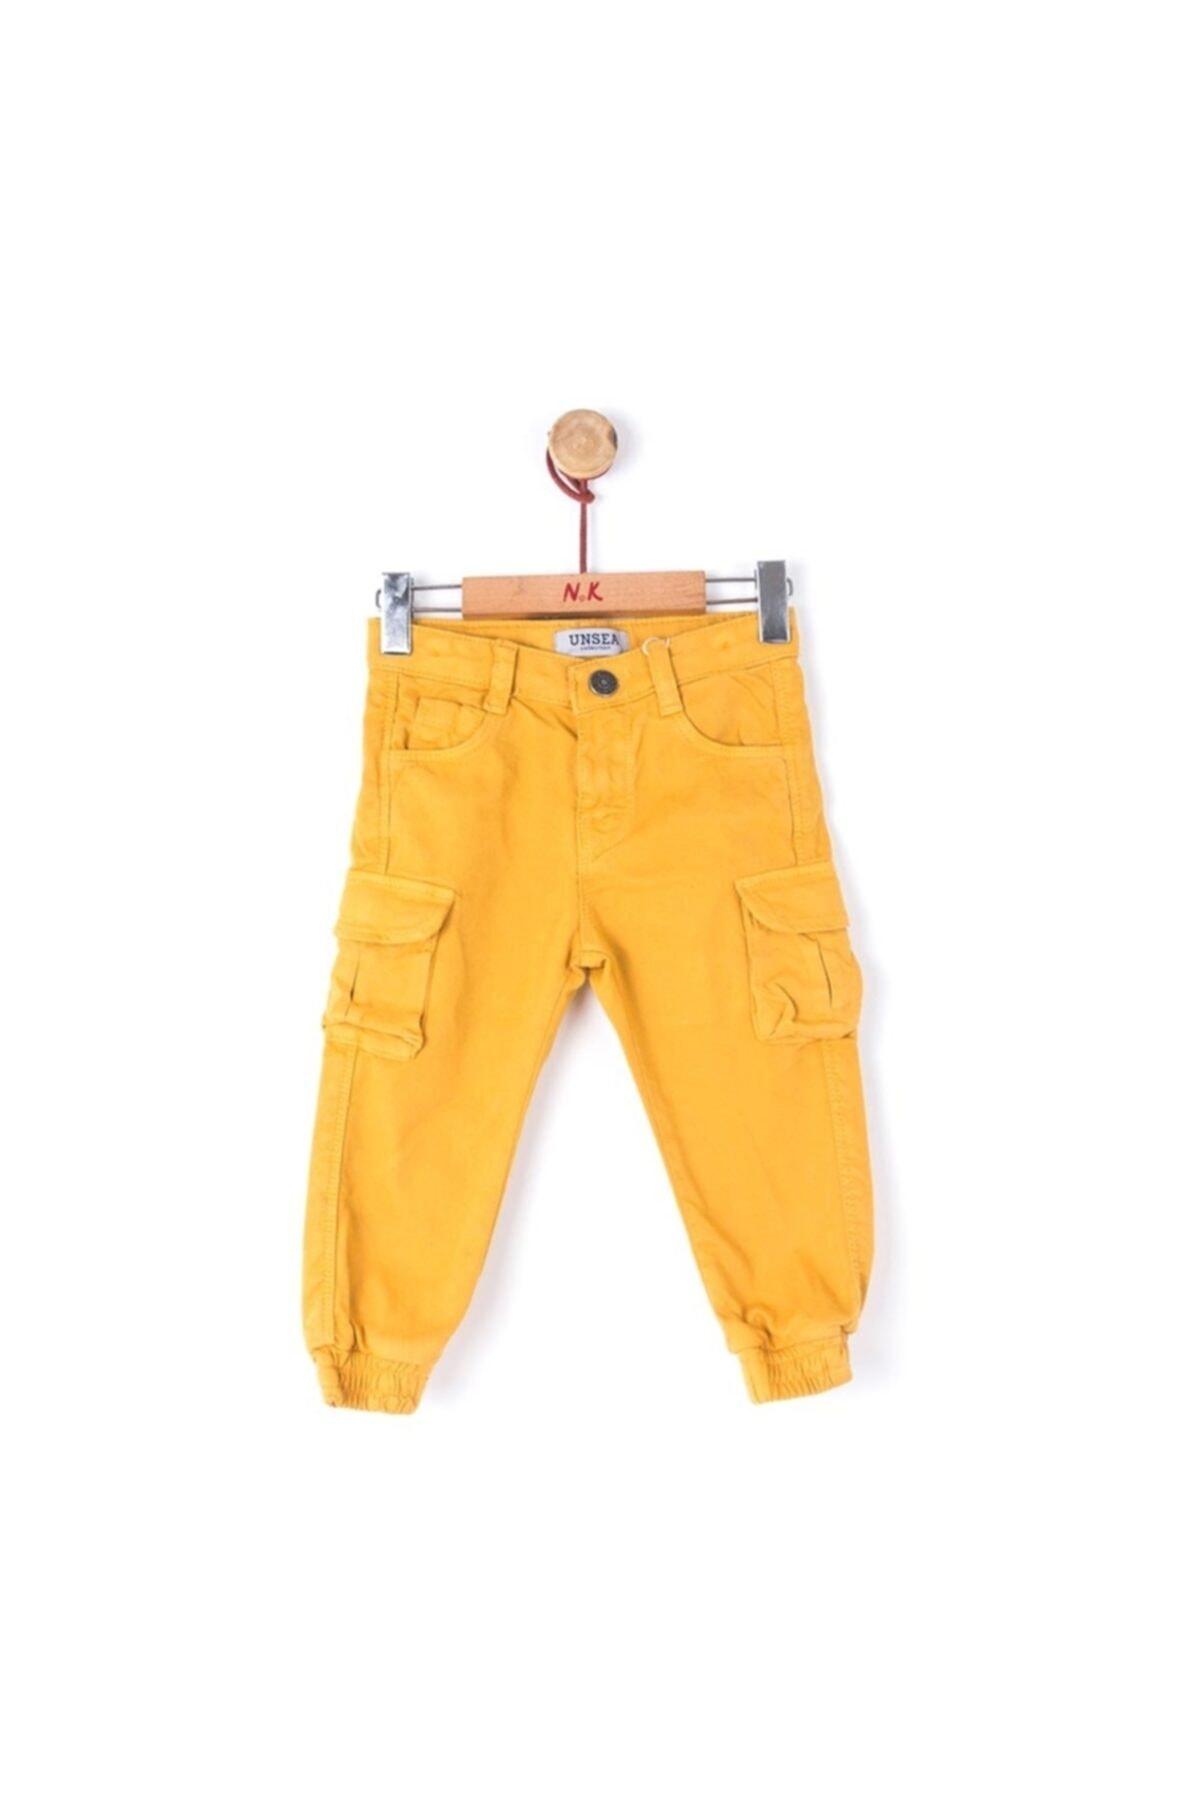 شلوار ارزان بچه گانه برند nk kids رنگ زرد ty48058694